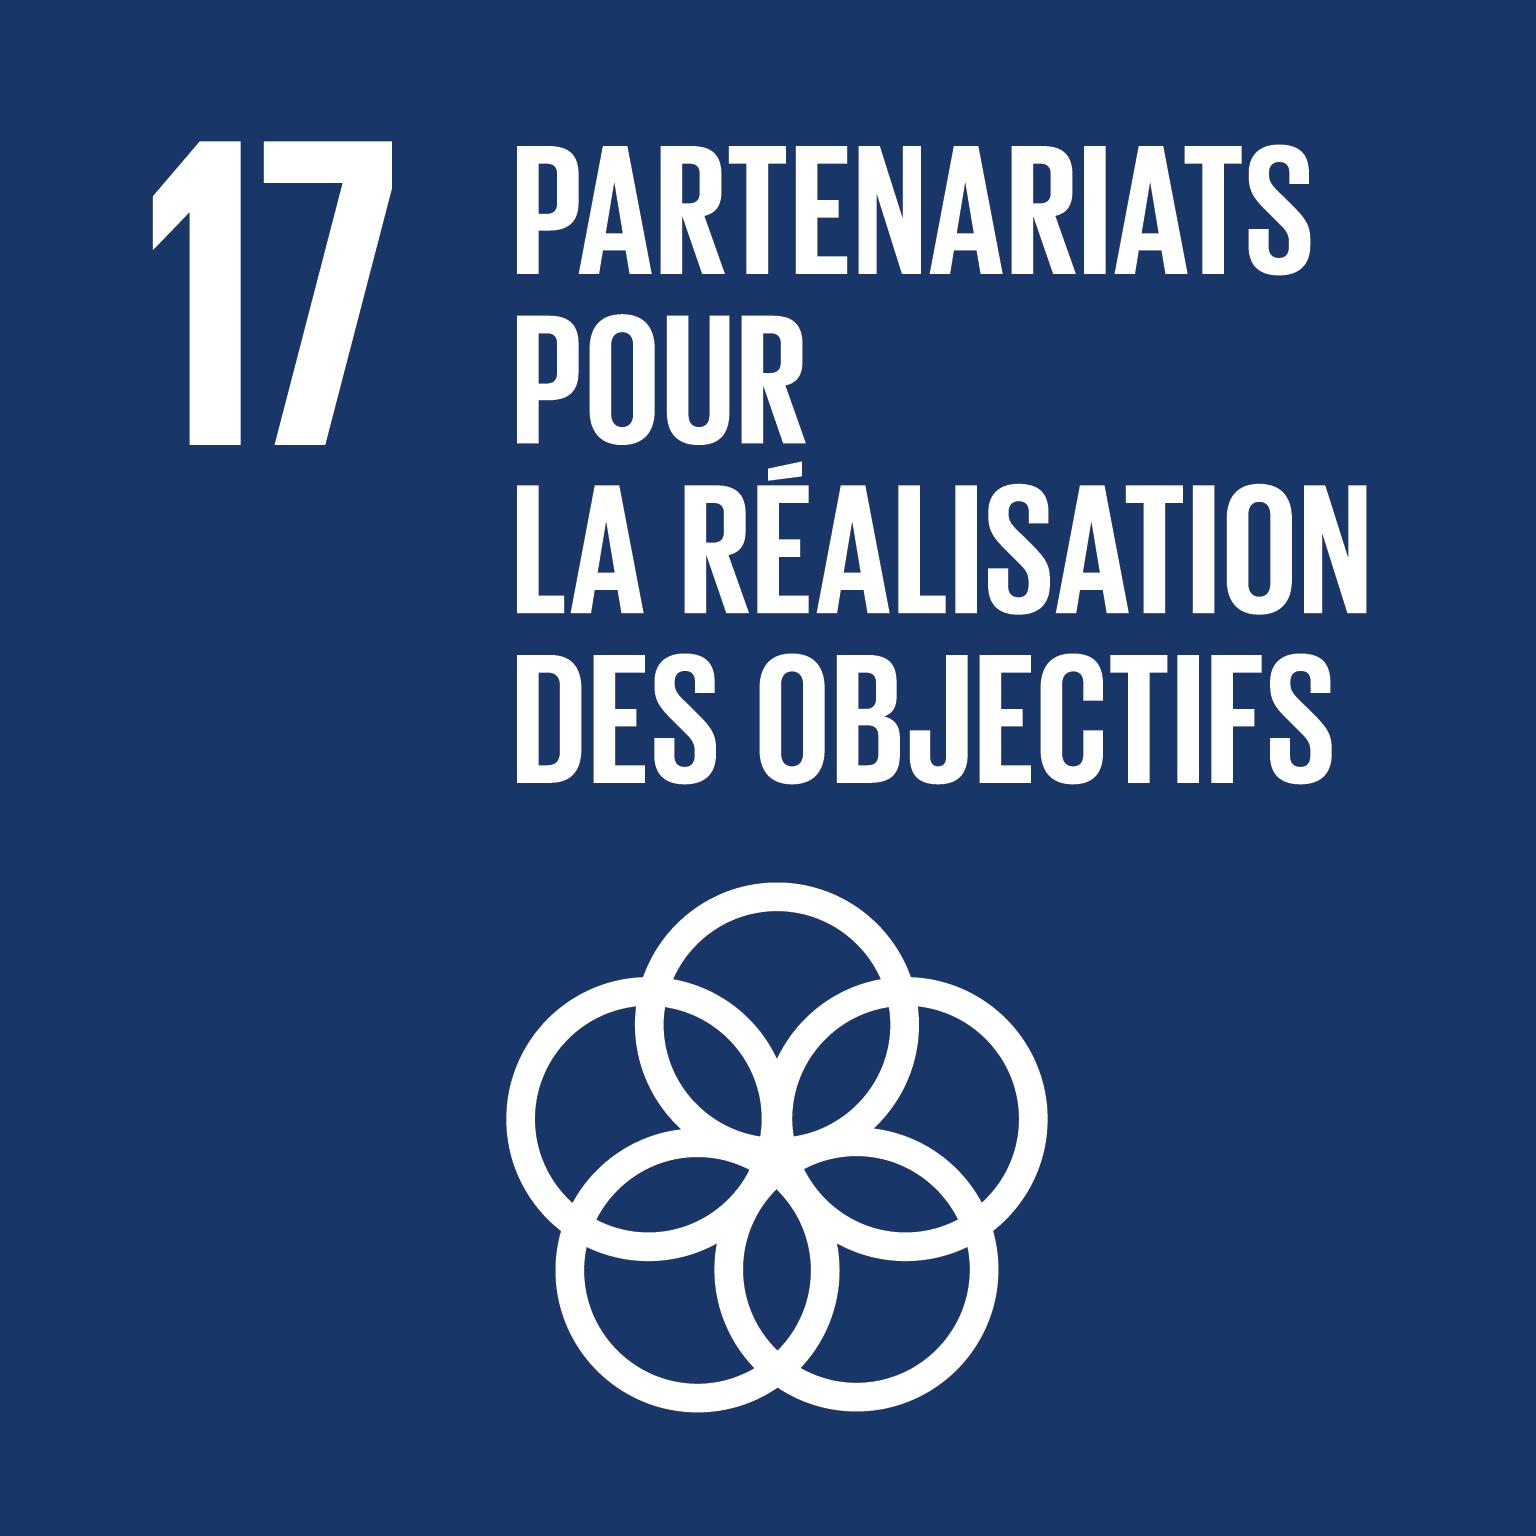 ODD Partenariats pour la réalisation des objectifs